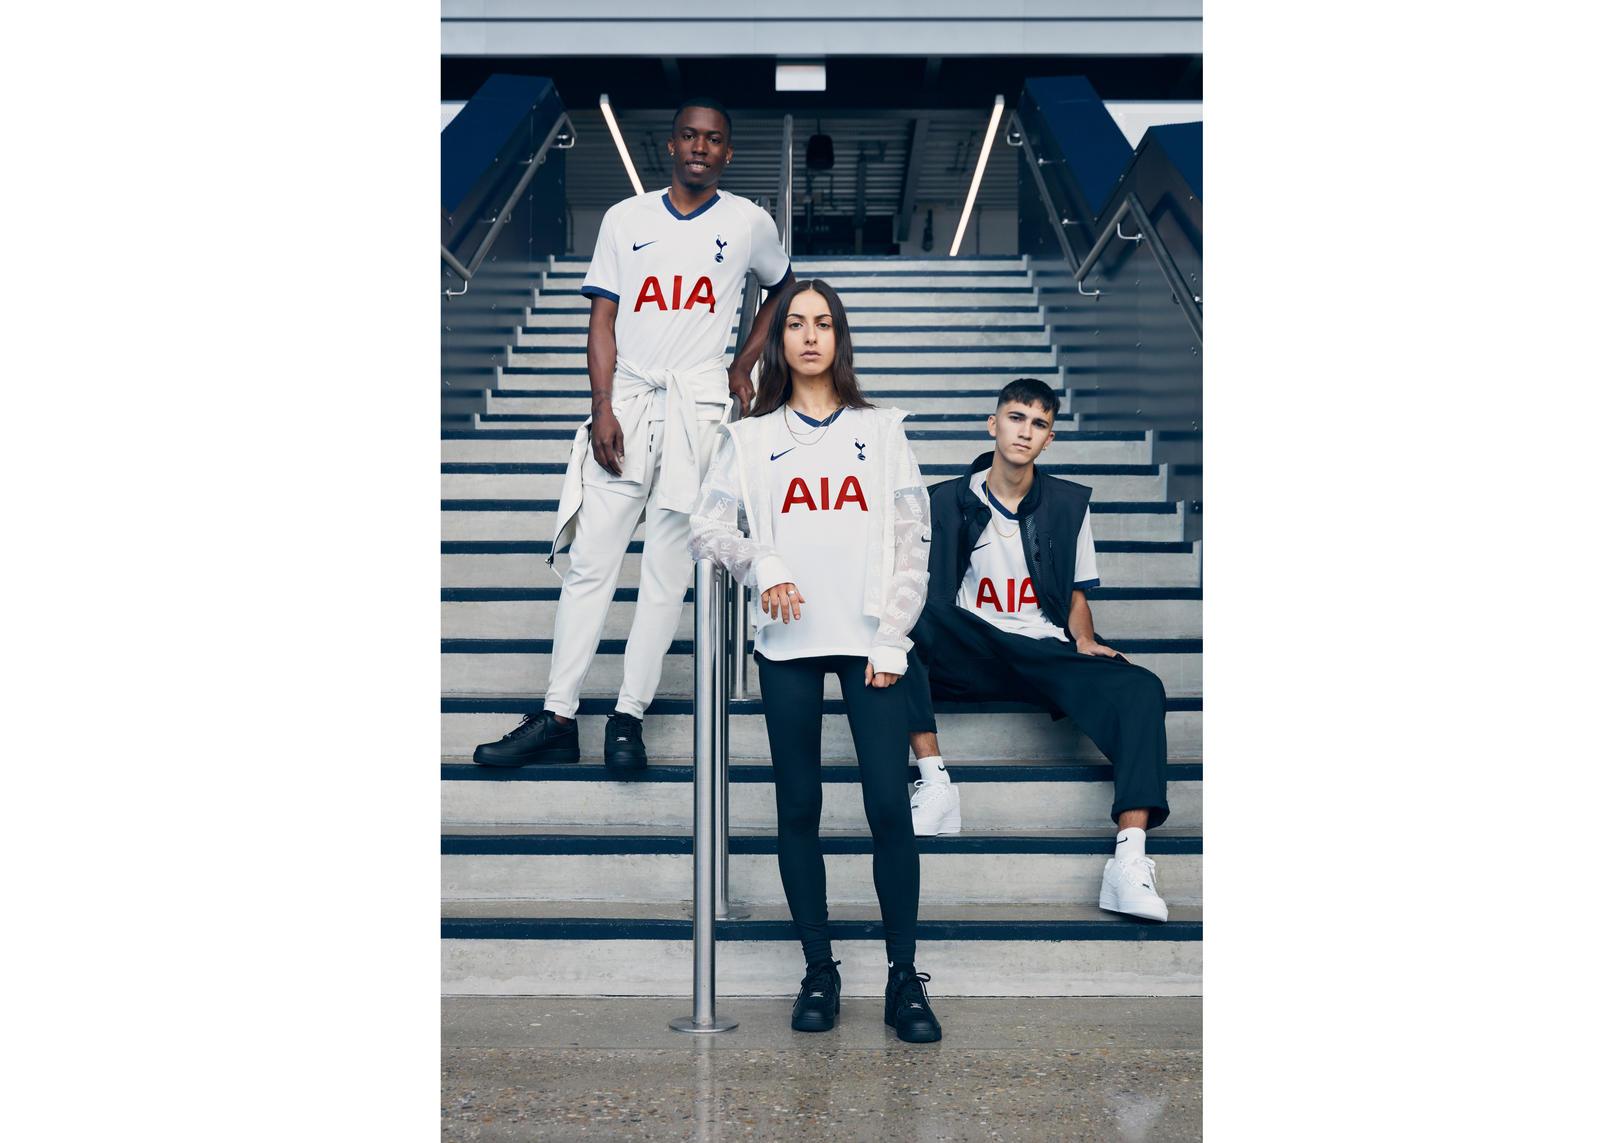 Tottenham-Hotspur-Home-Away-Football-Jersey-Nike-News-3_89139